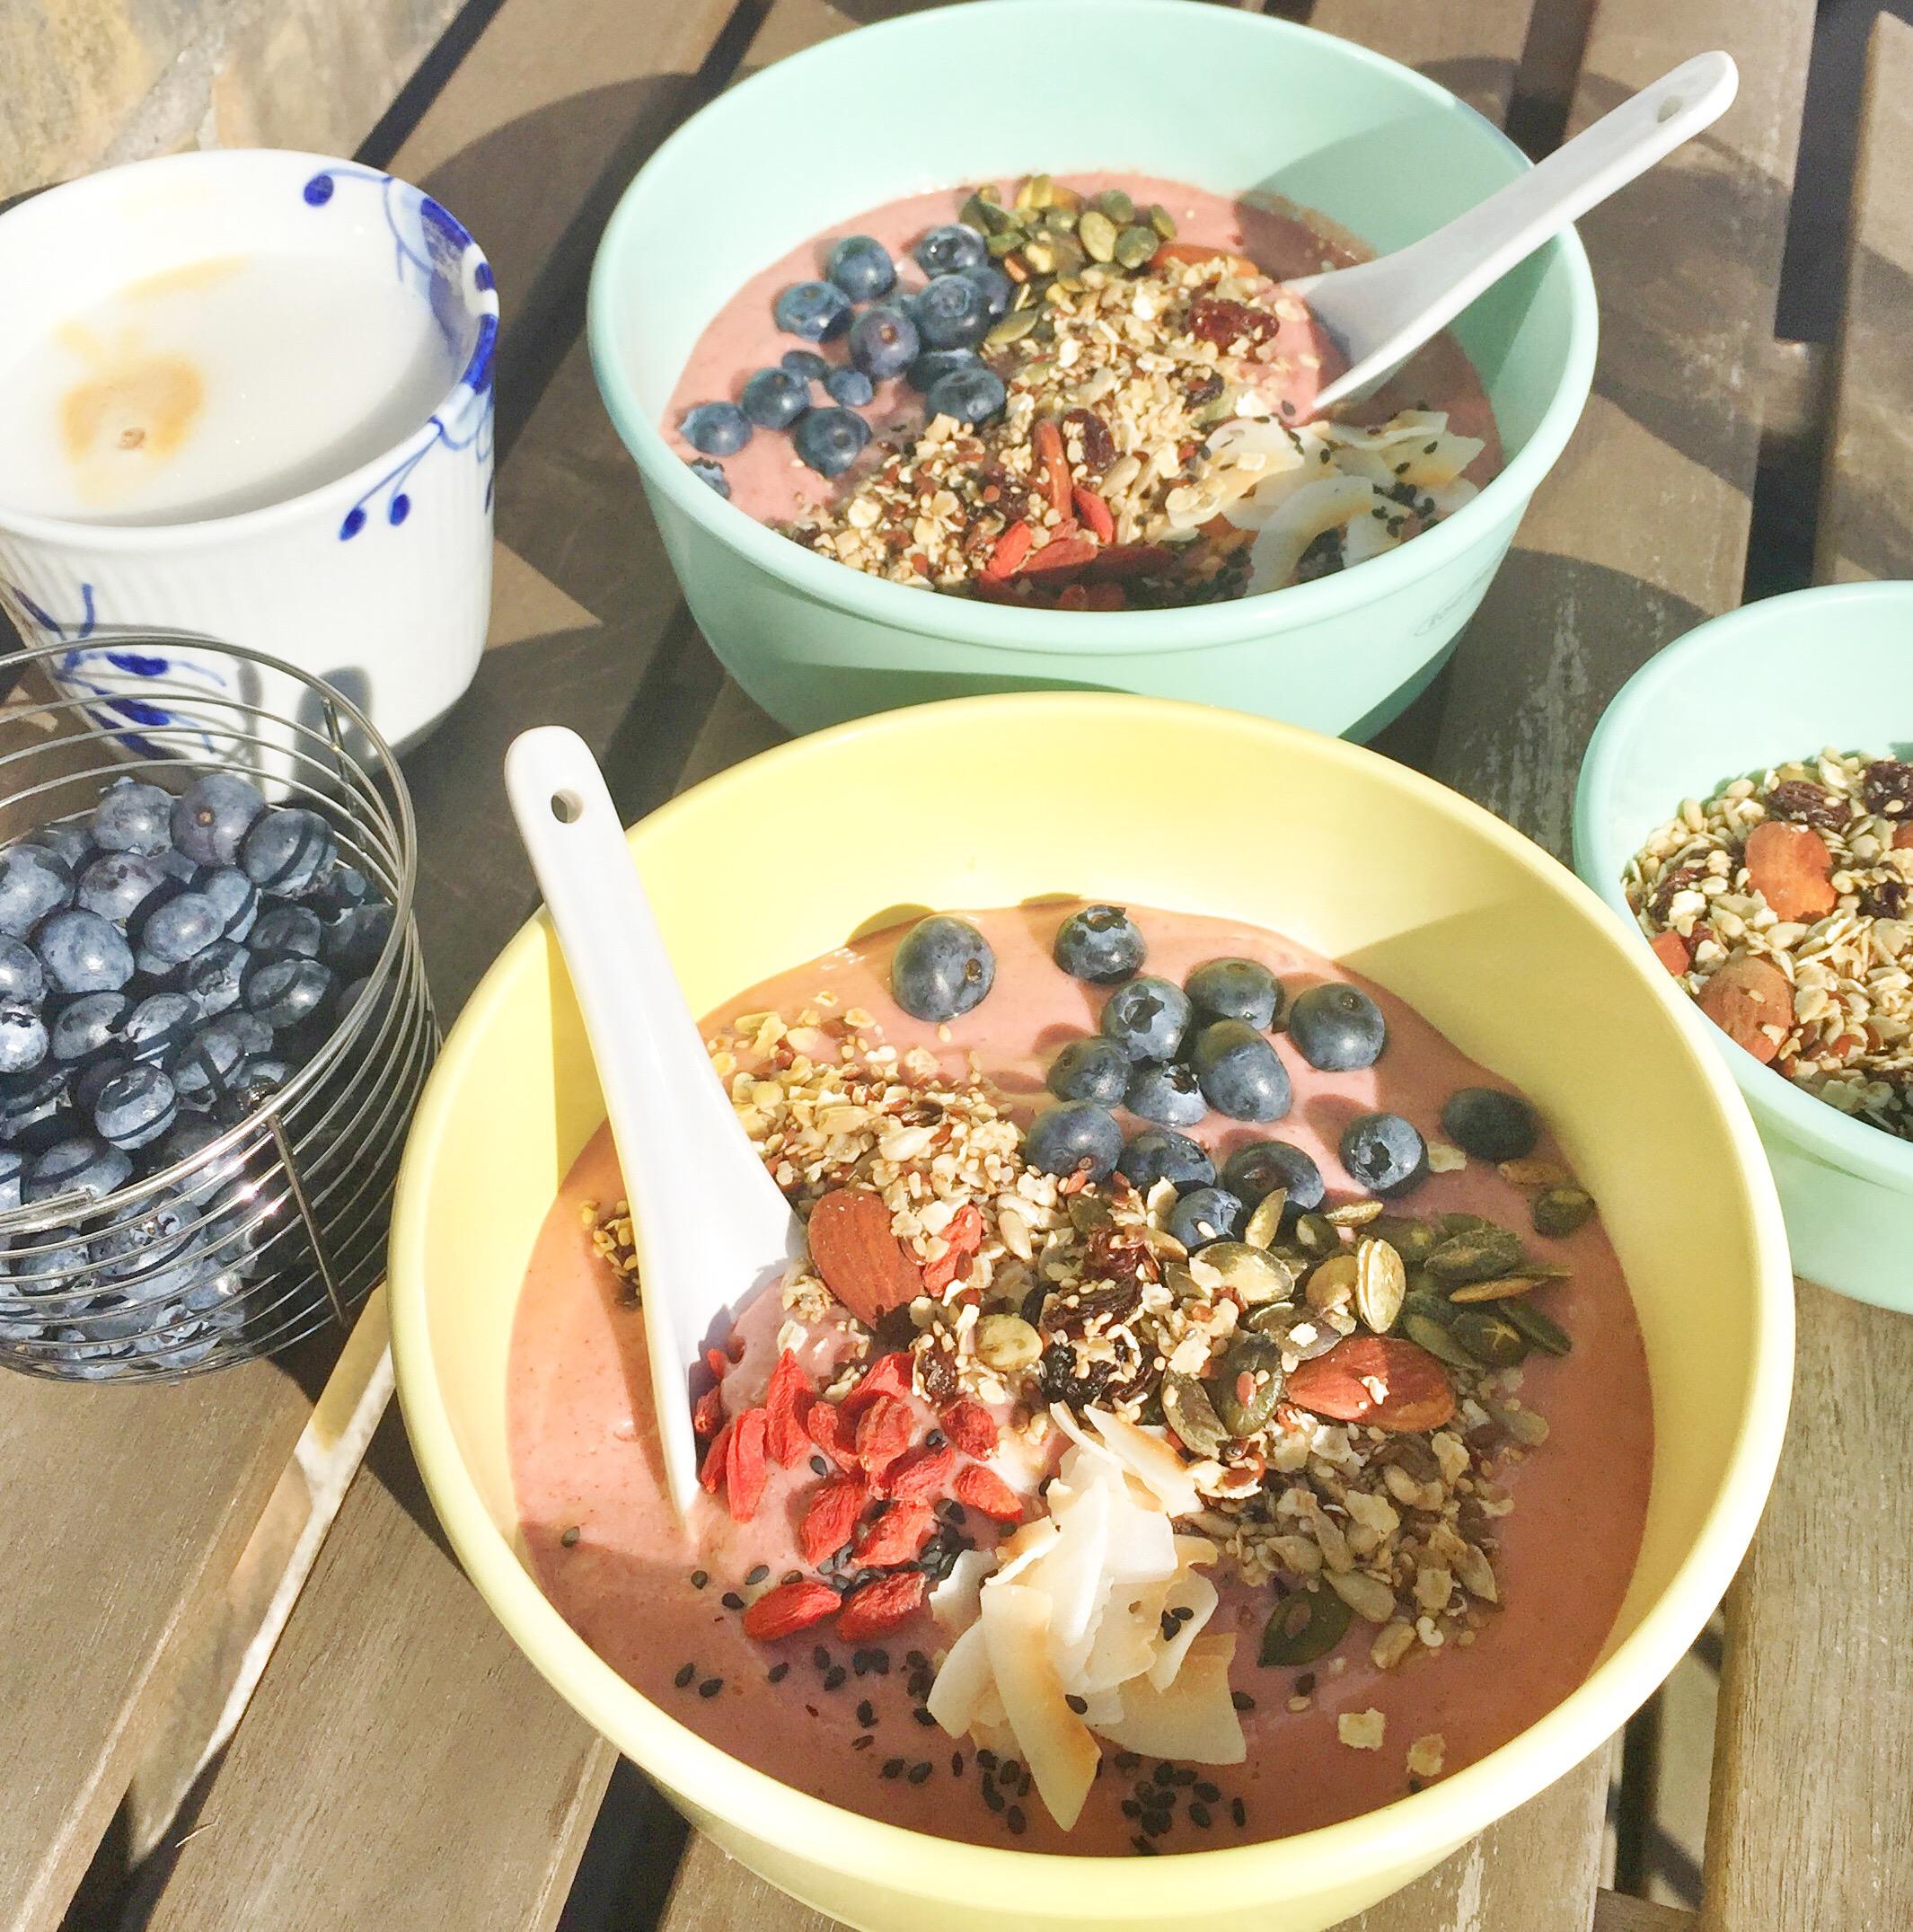 Jordbær smoothie bowl på altanen i solen med kaffe og blåbær